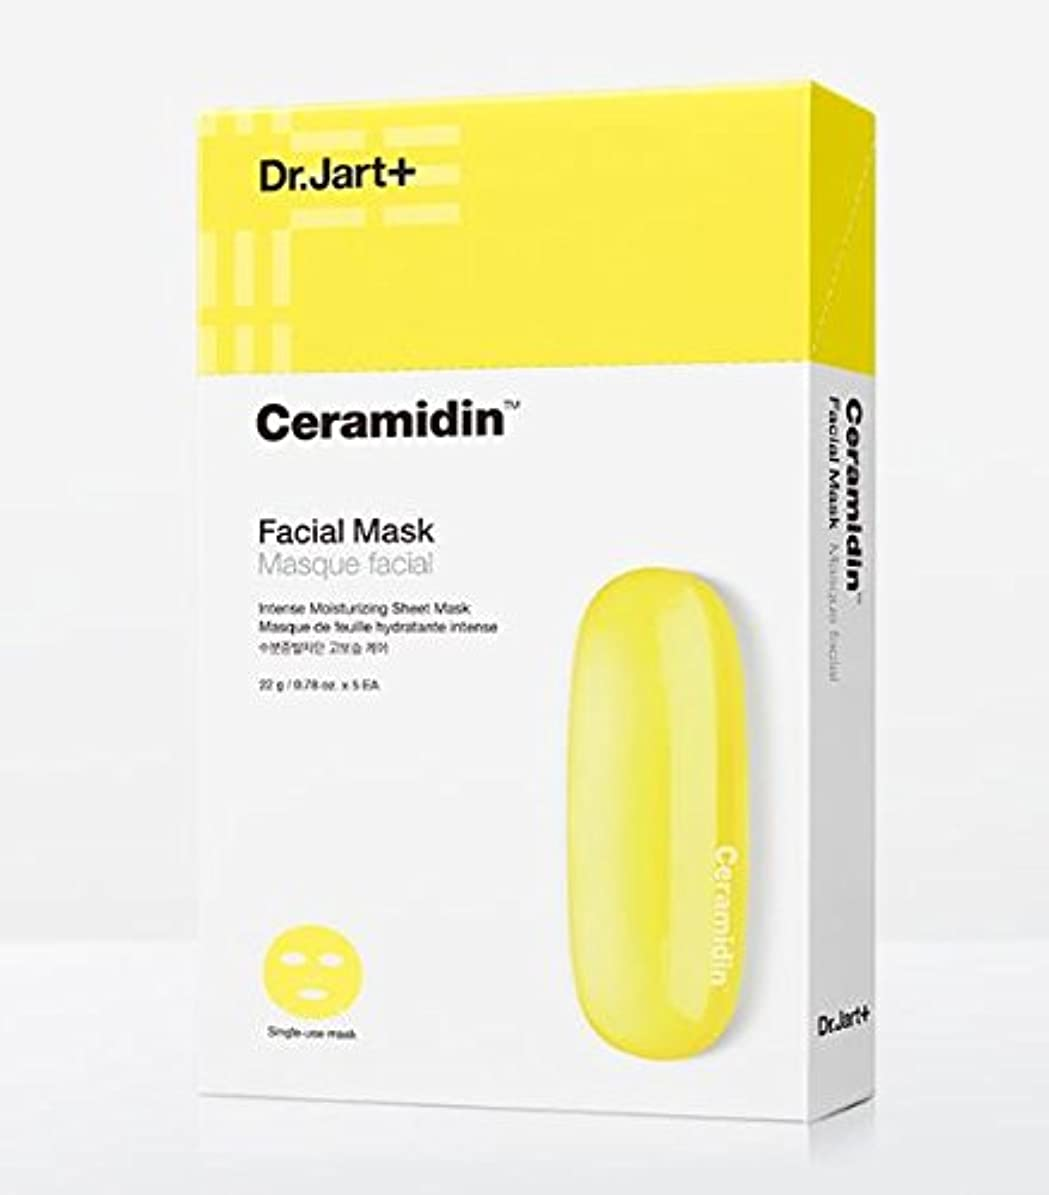 信頼一貫性のない王朝[韓国コスメ Dr.Jart+] Ceramidin Mask ドクタージャルト セラマイディンマスク(10枚) [並行輸入品]